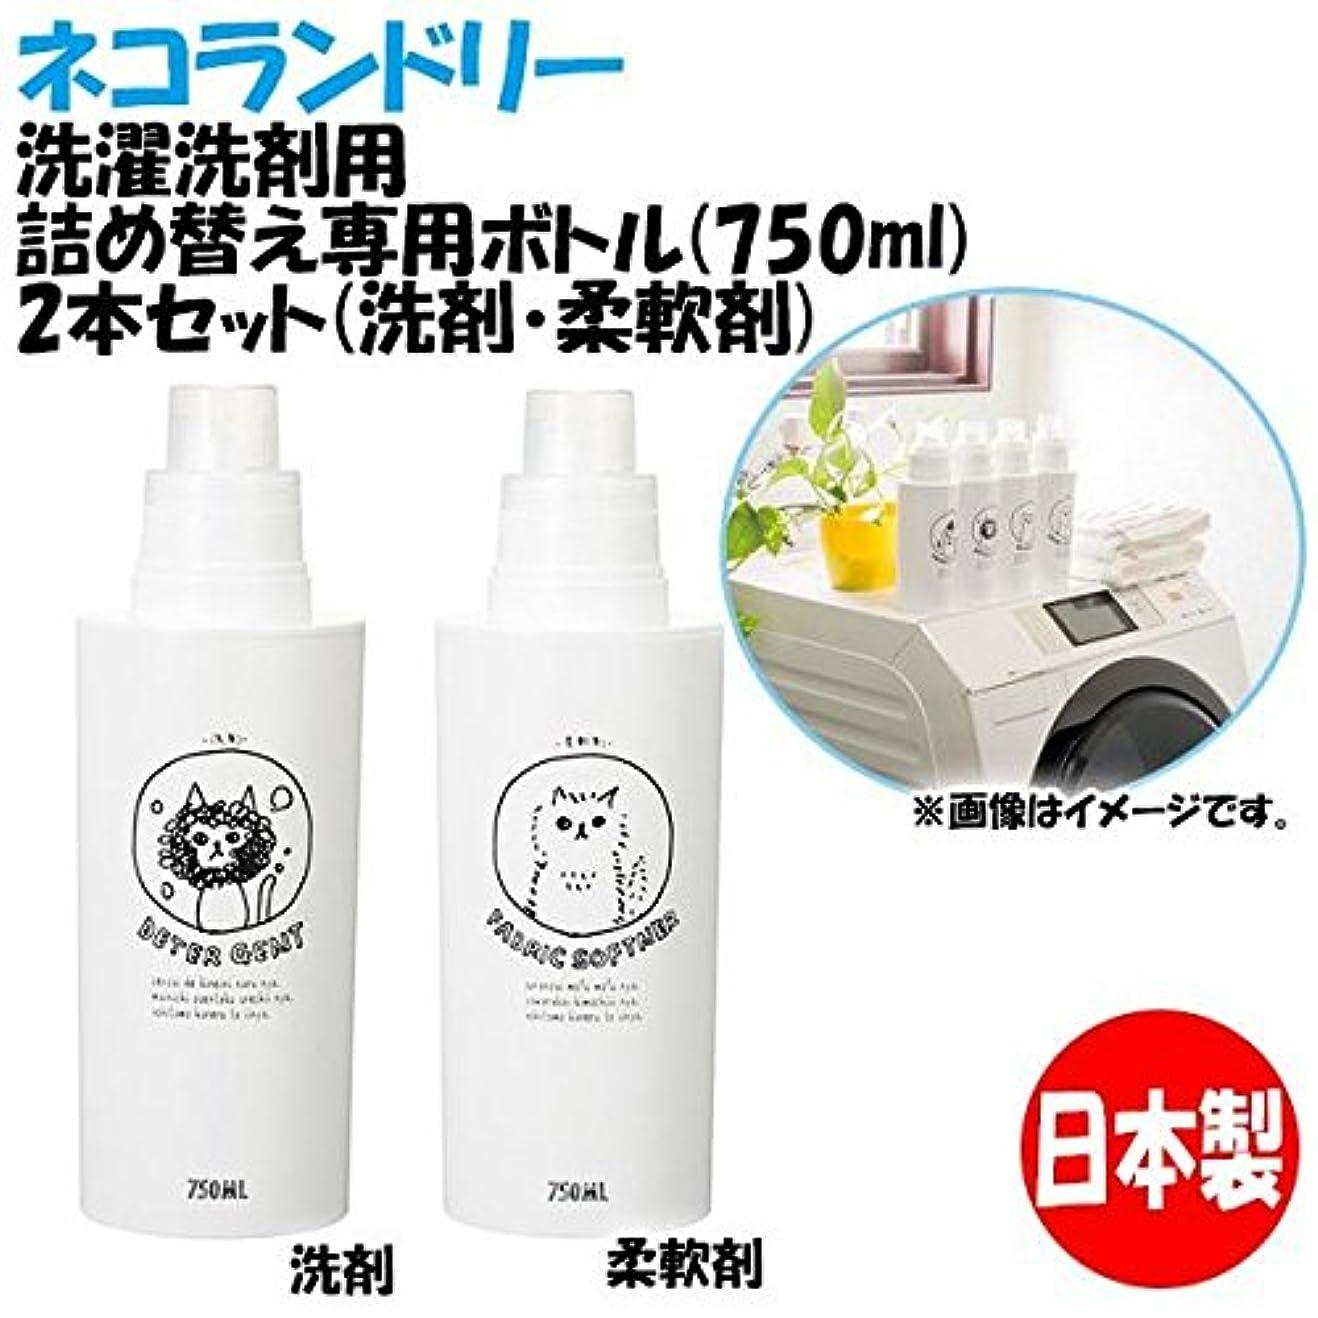 味方テーブル論理的日本製 ネコランドリー 洗濯洗剤用詰め替え専用ボトル(750ml) 2本セット(洗剤?柔軟剤)